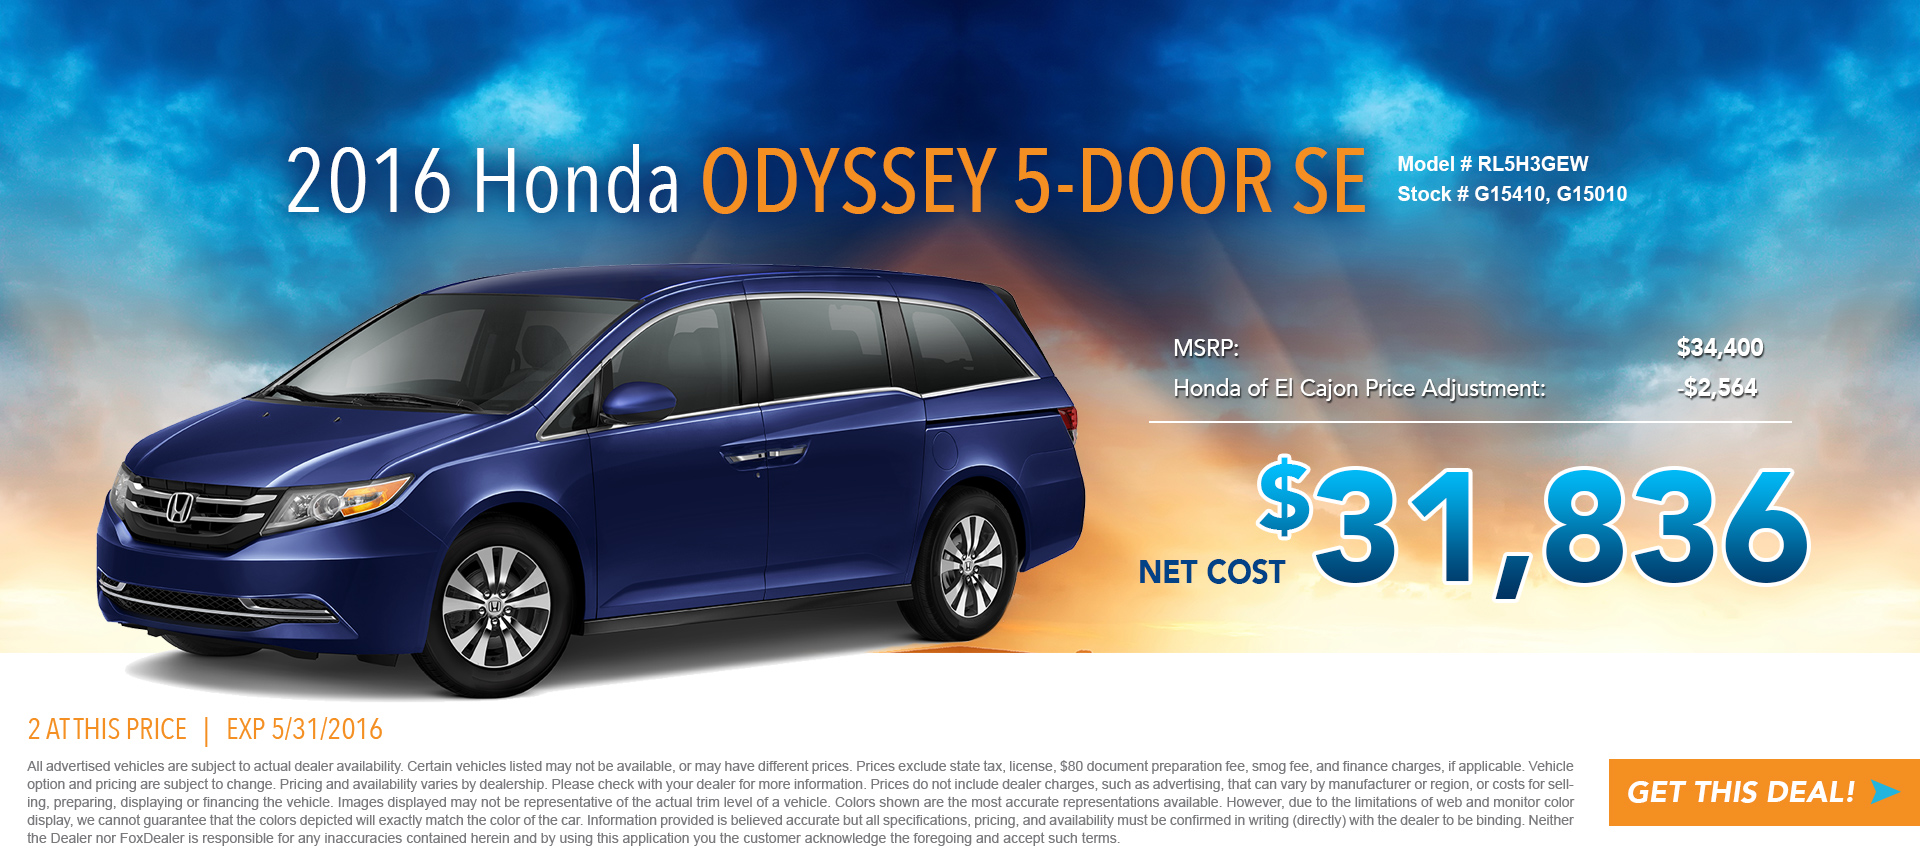 Odyssey Special